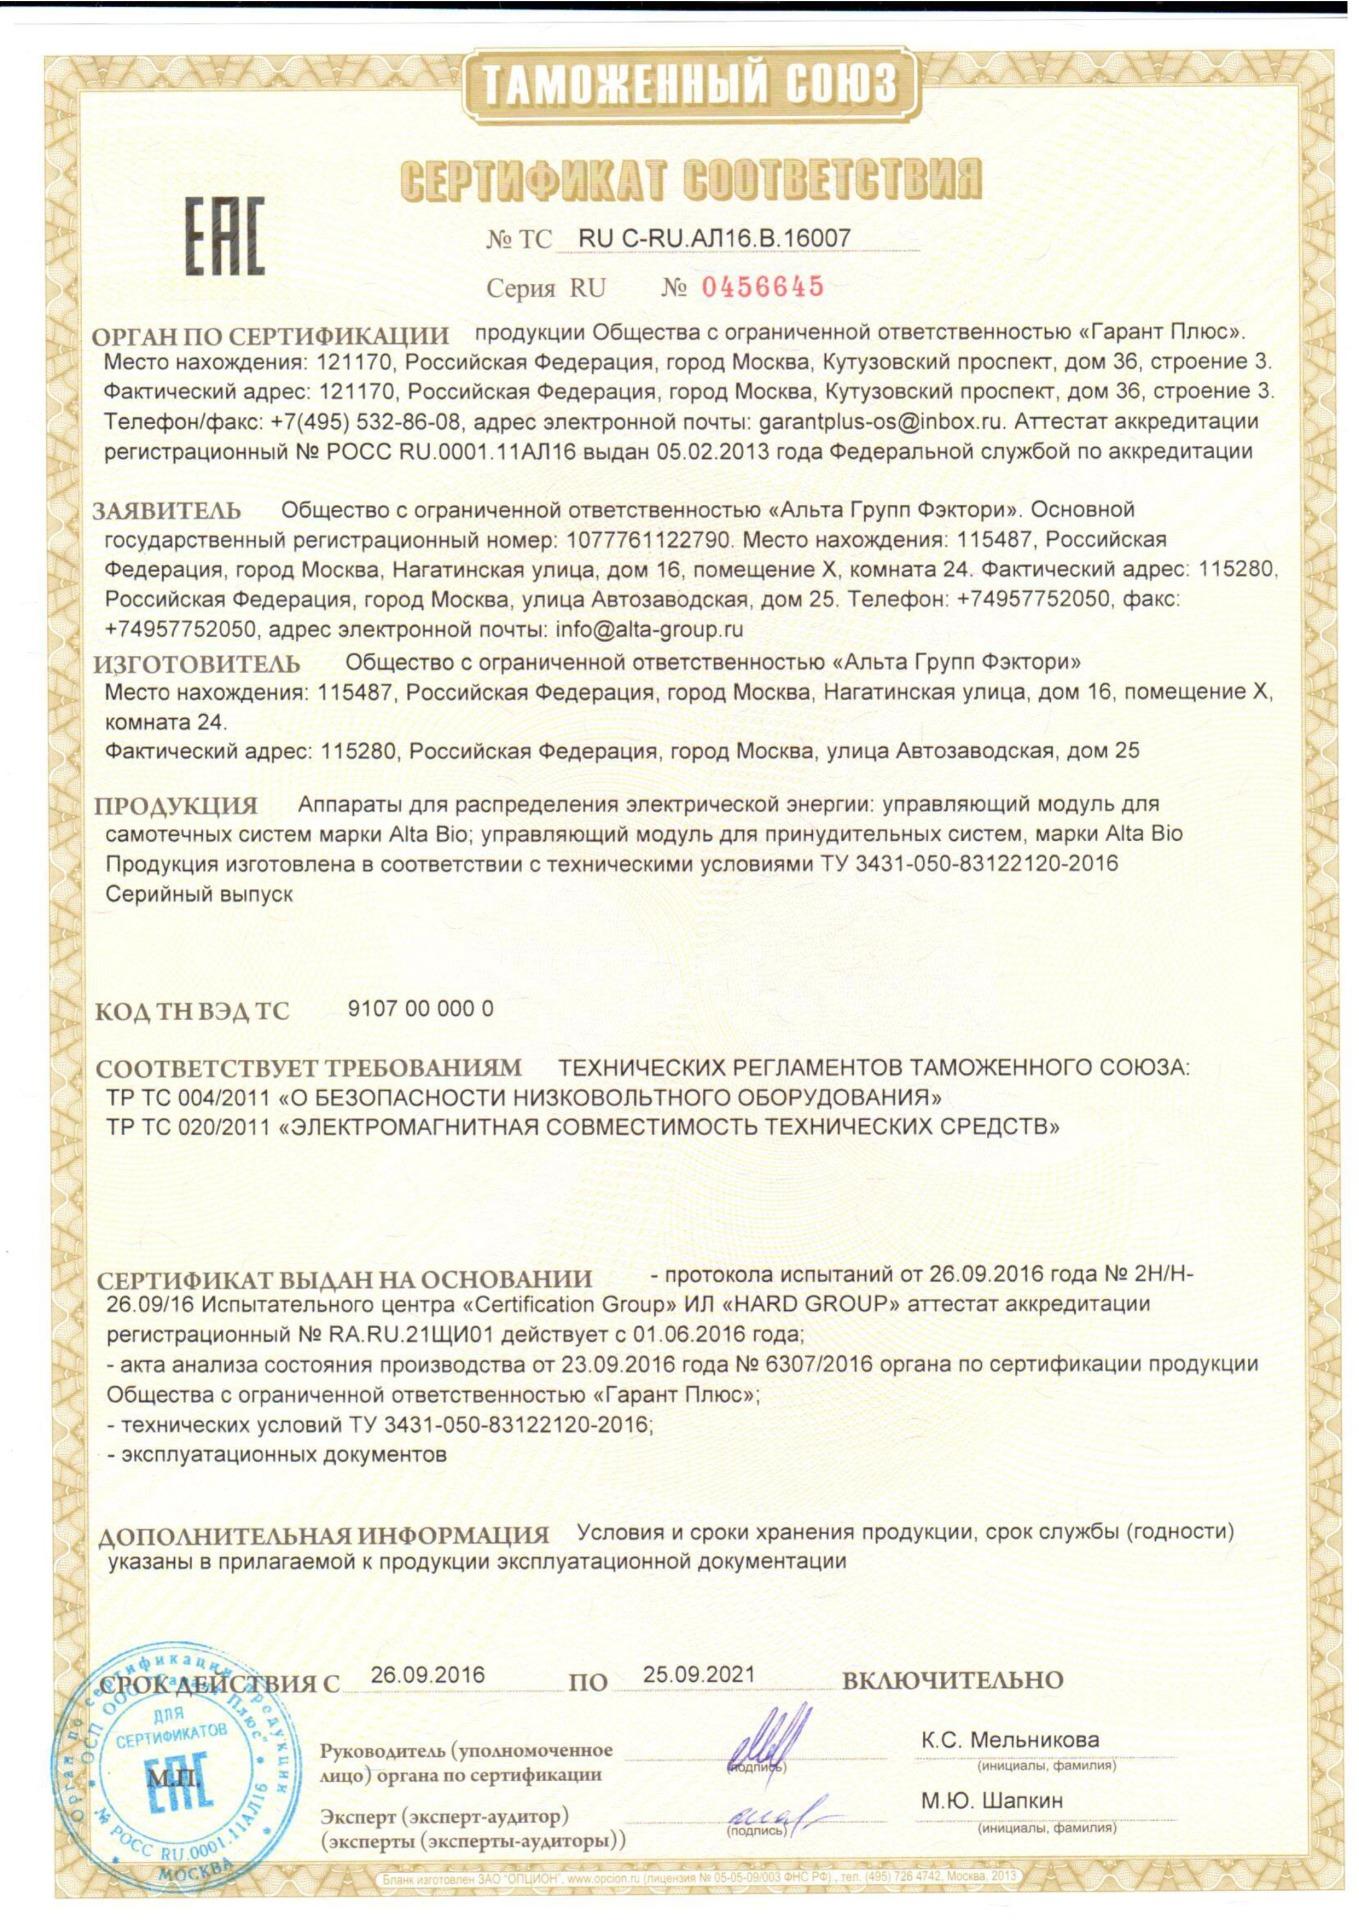 Сертификат соответствия Альта Био